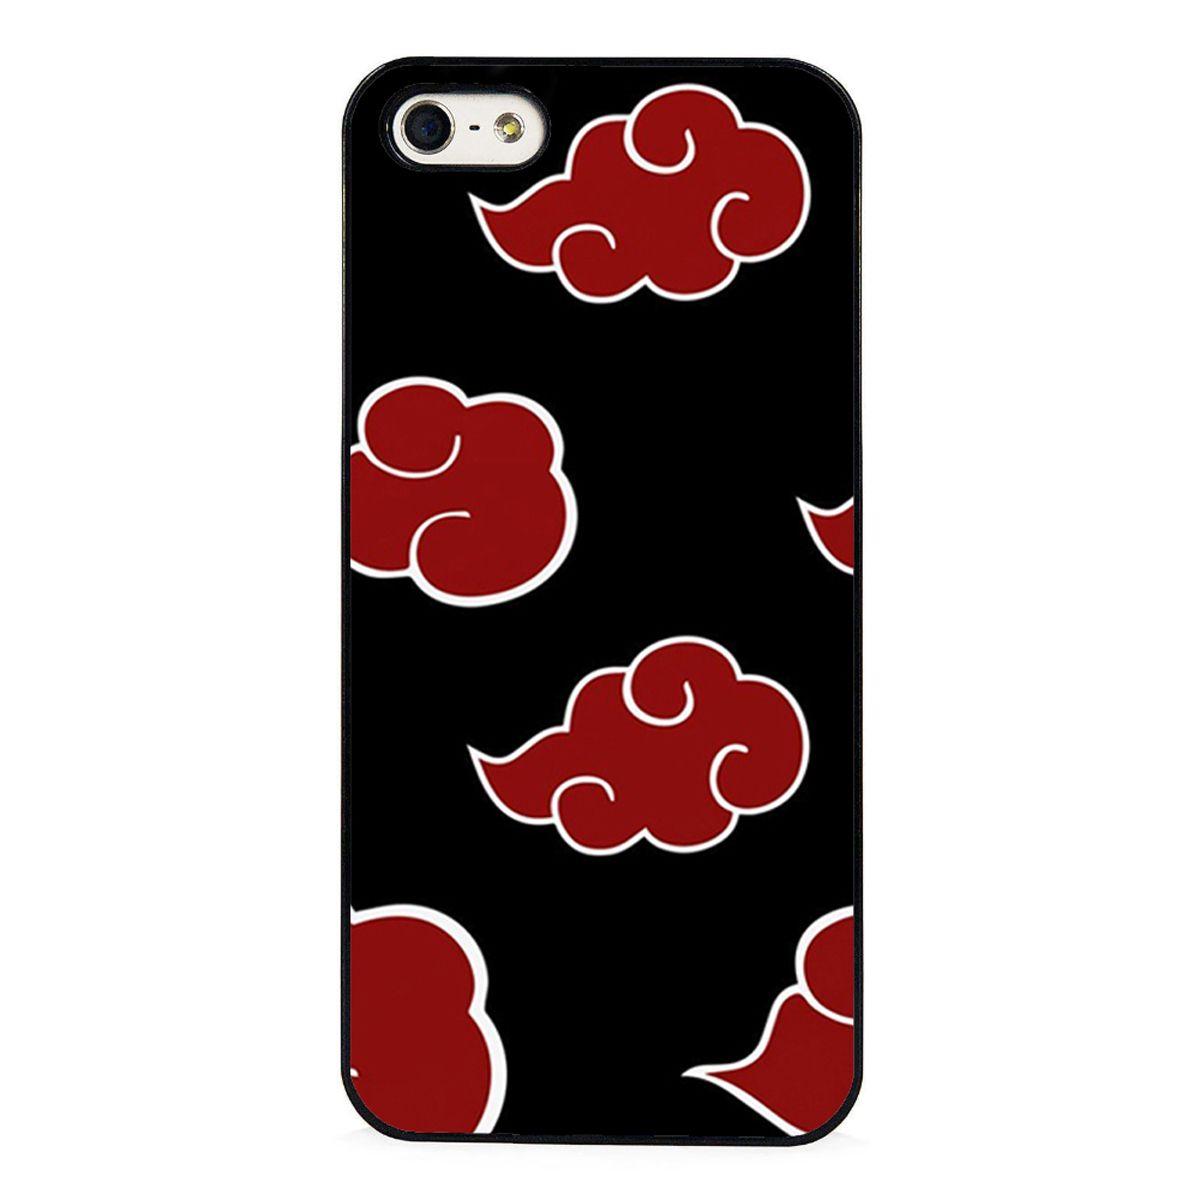 Coques Naruto Akatsuki Clan Cloud Pour IPhone 6 6S Plus 7 7 Plus 5 5S 5C SE 4S Proposé Par Ginazsl, 6,74 € | Fr.Dhgate.Com